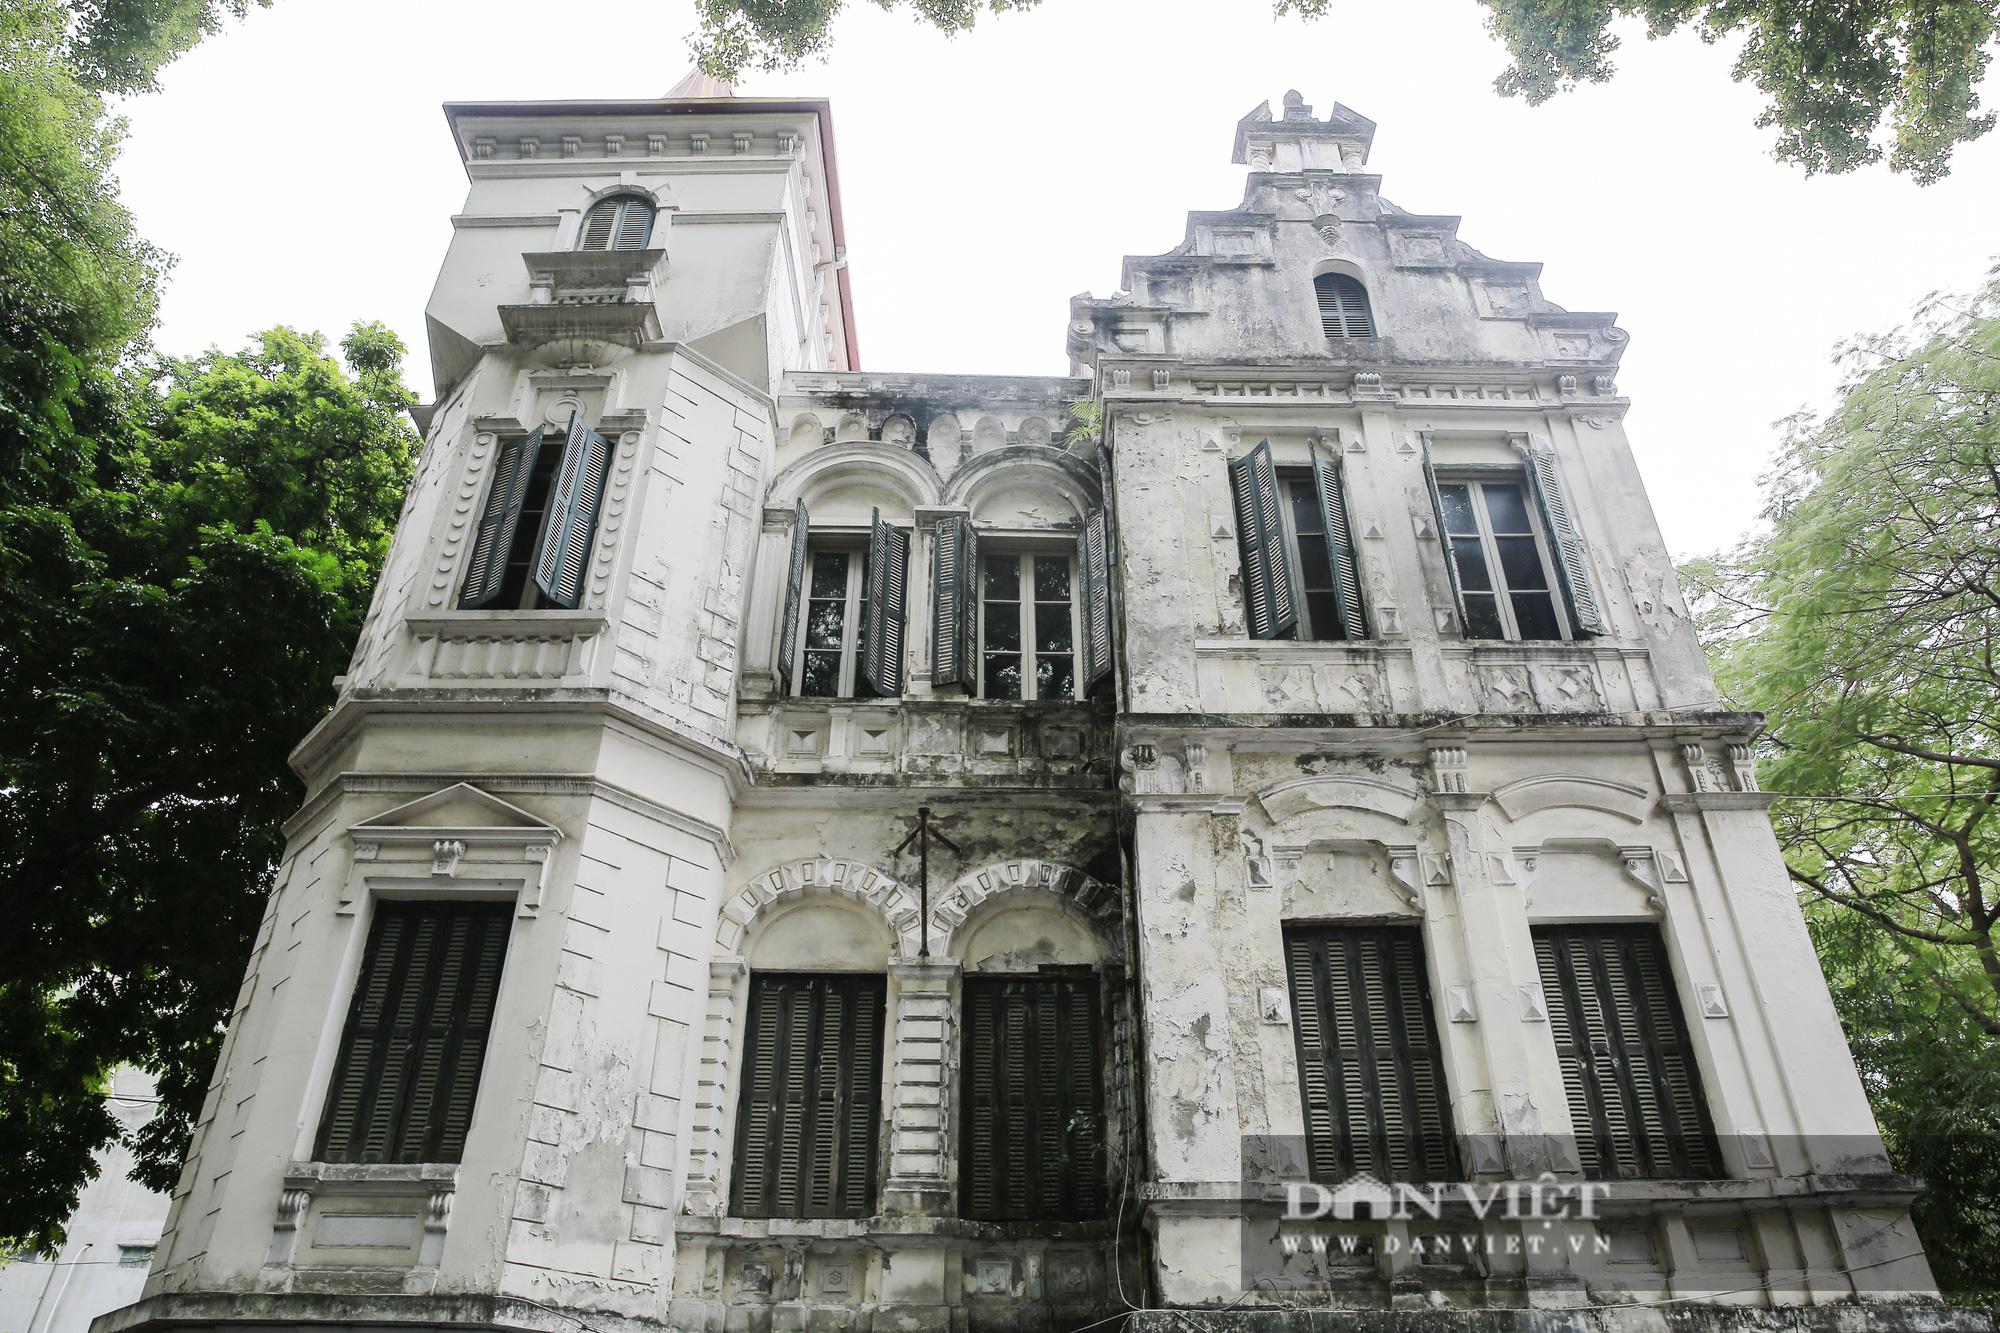 Khám phá dinh thự thứ 8 rộng 2000m2 của vua Bảo Đại tại Hà Nội - Ảnh 2.